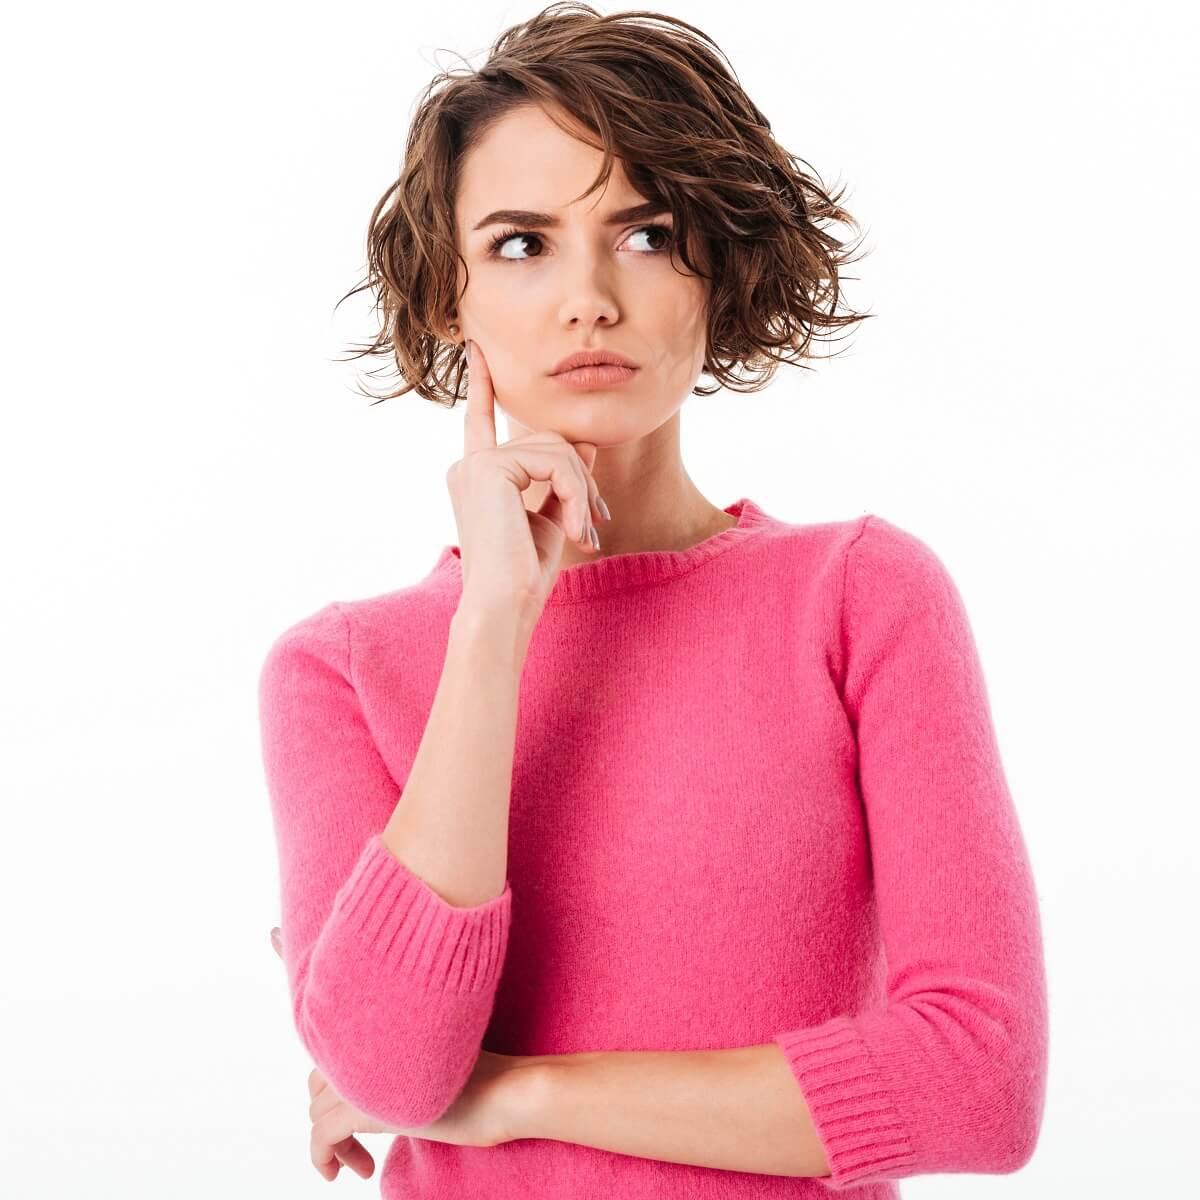 仮説思考をしている女性の写真。